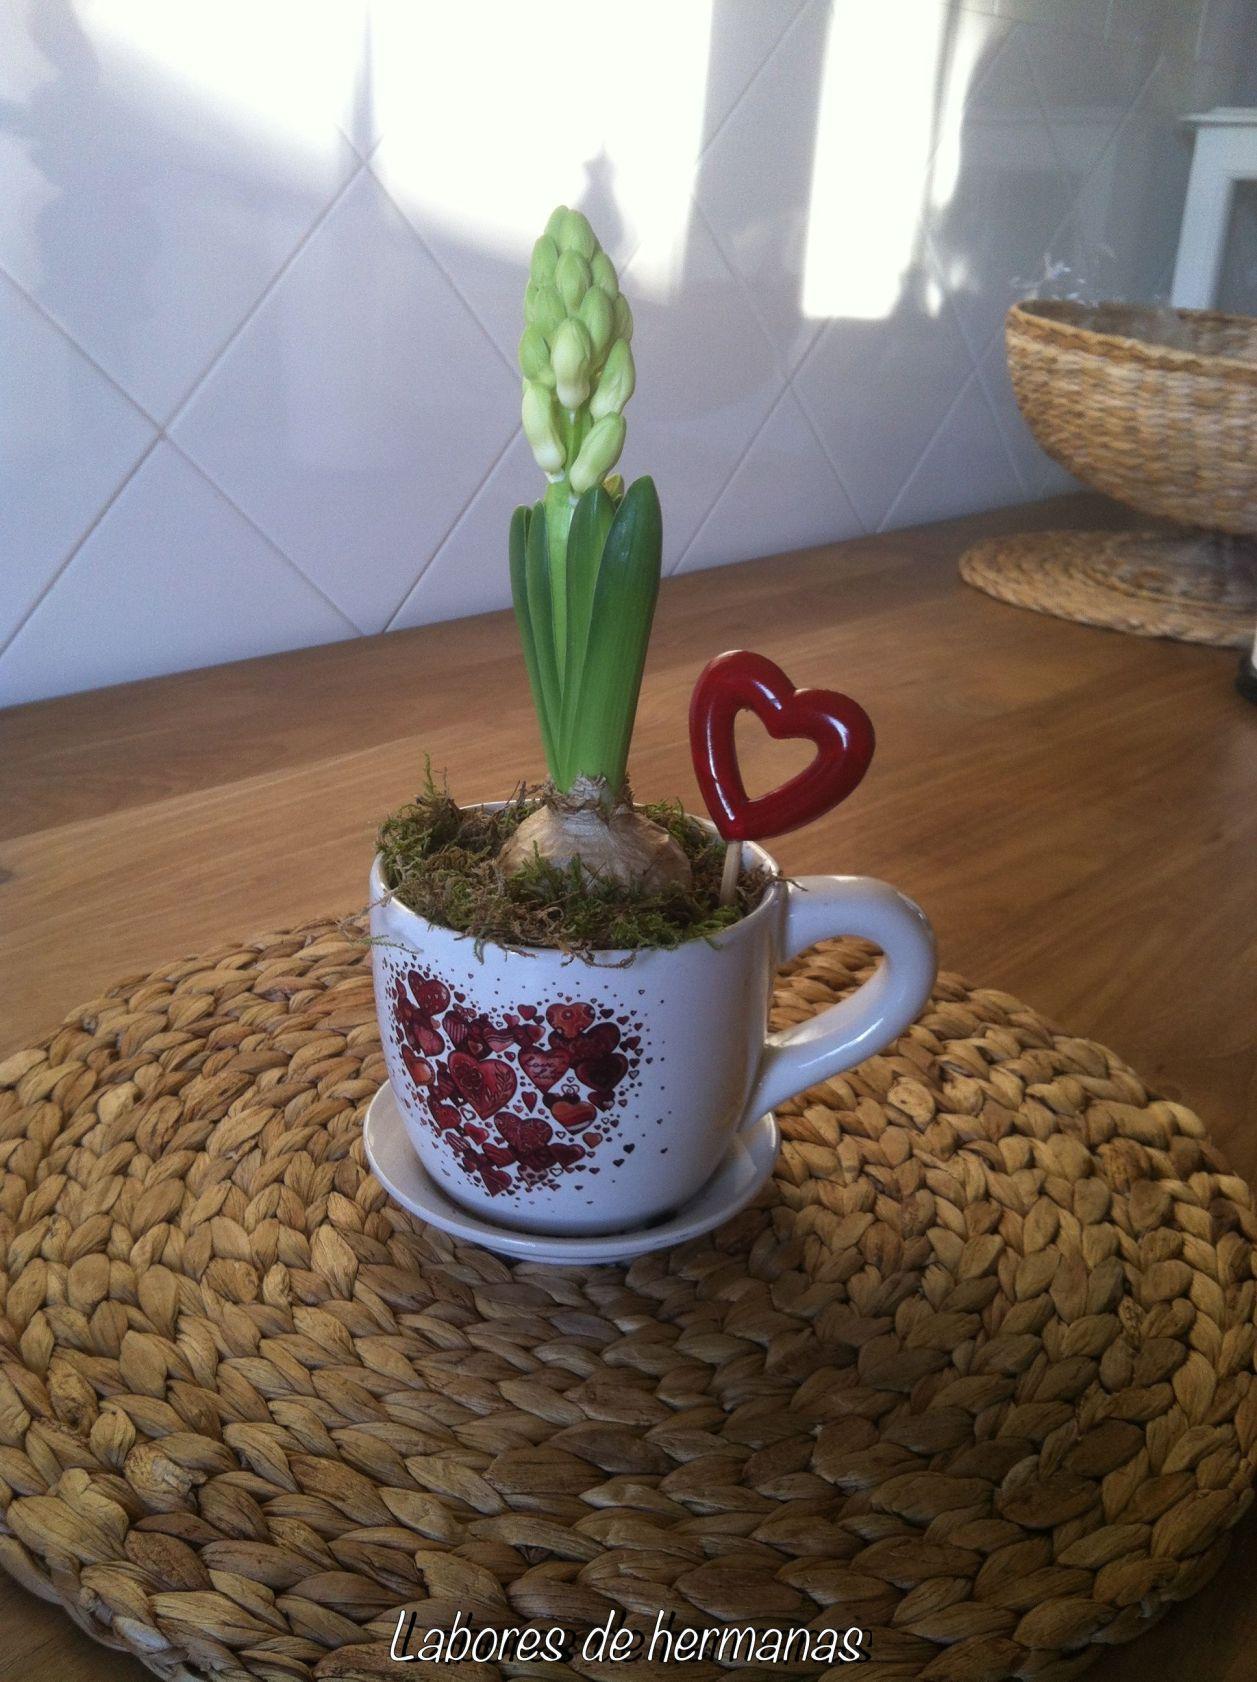 El jacinto todavia no está en flor, de todos modos el tiesto esta muy chulo, no?